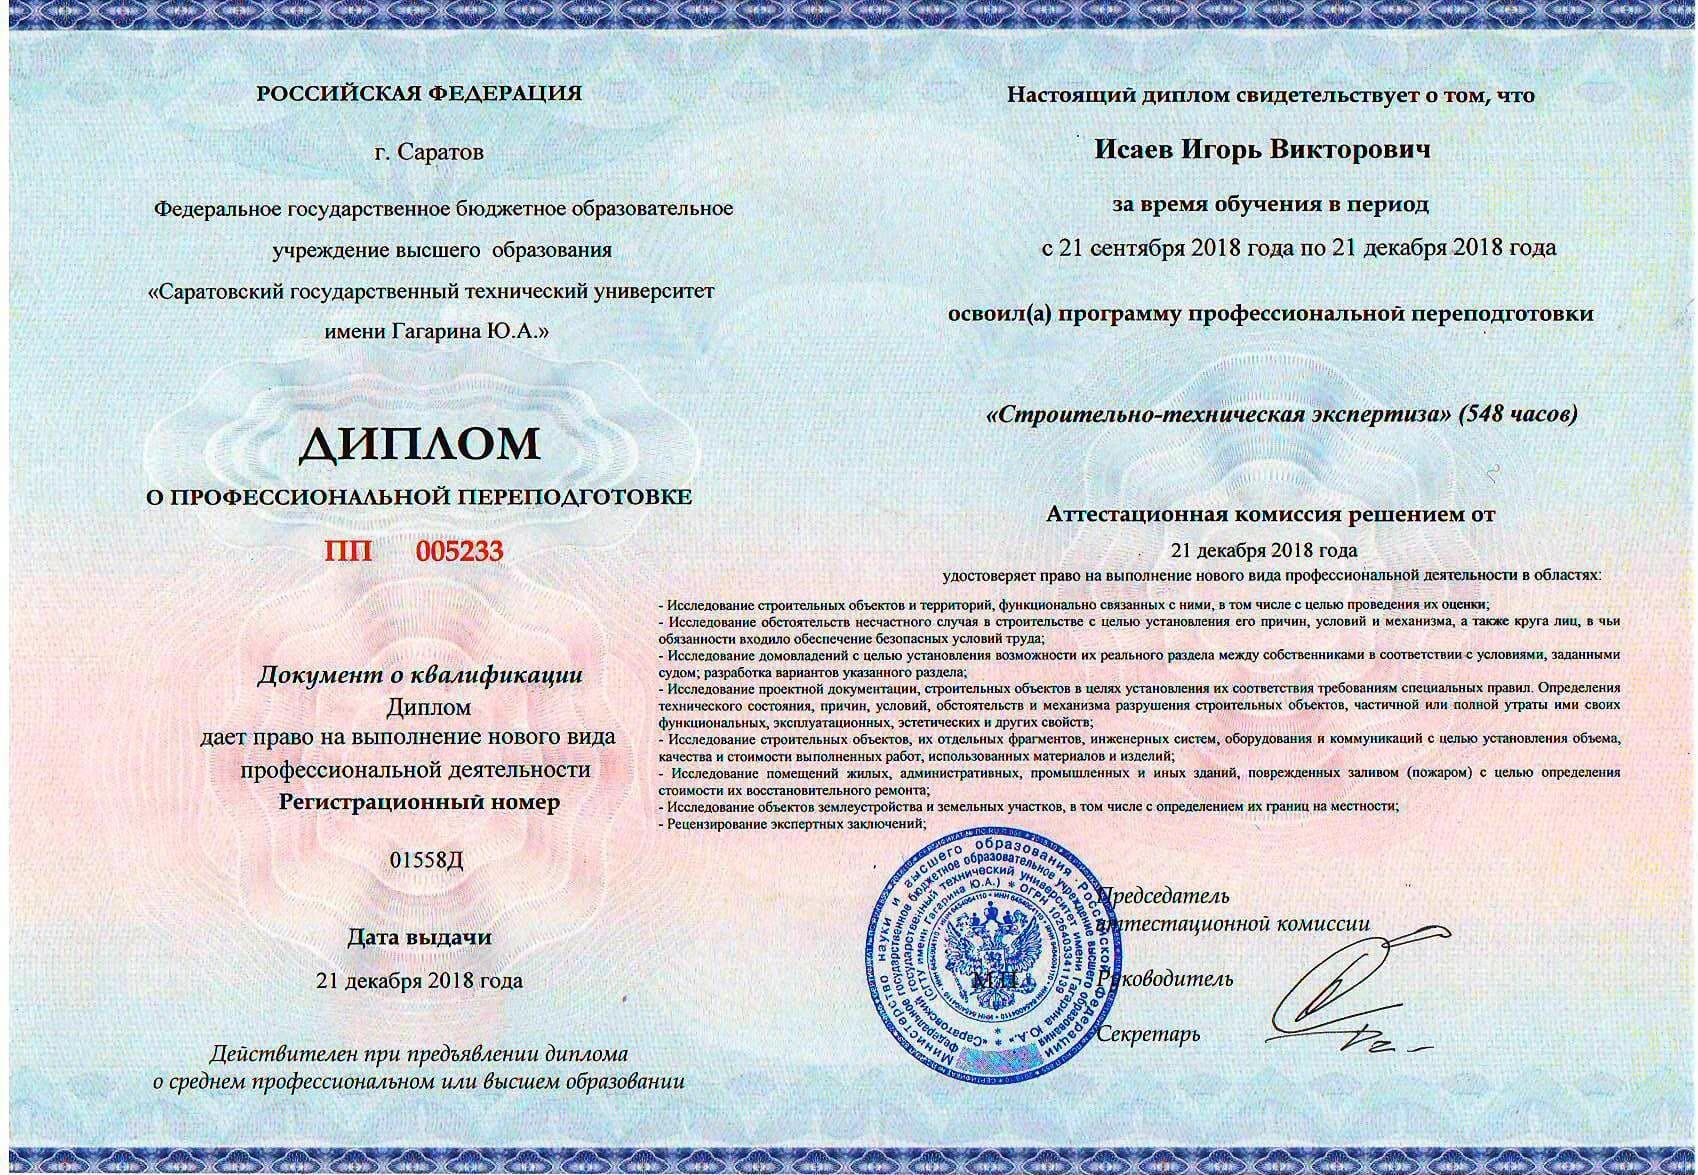 Диплом строительного эксперта_ПП005233